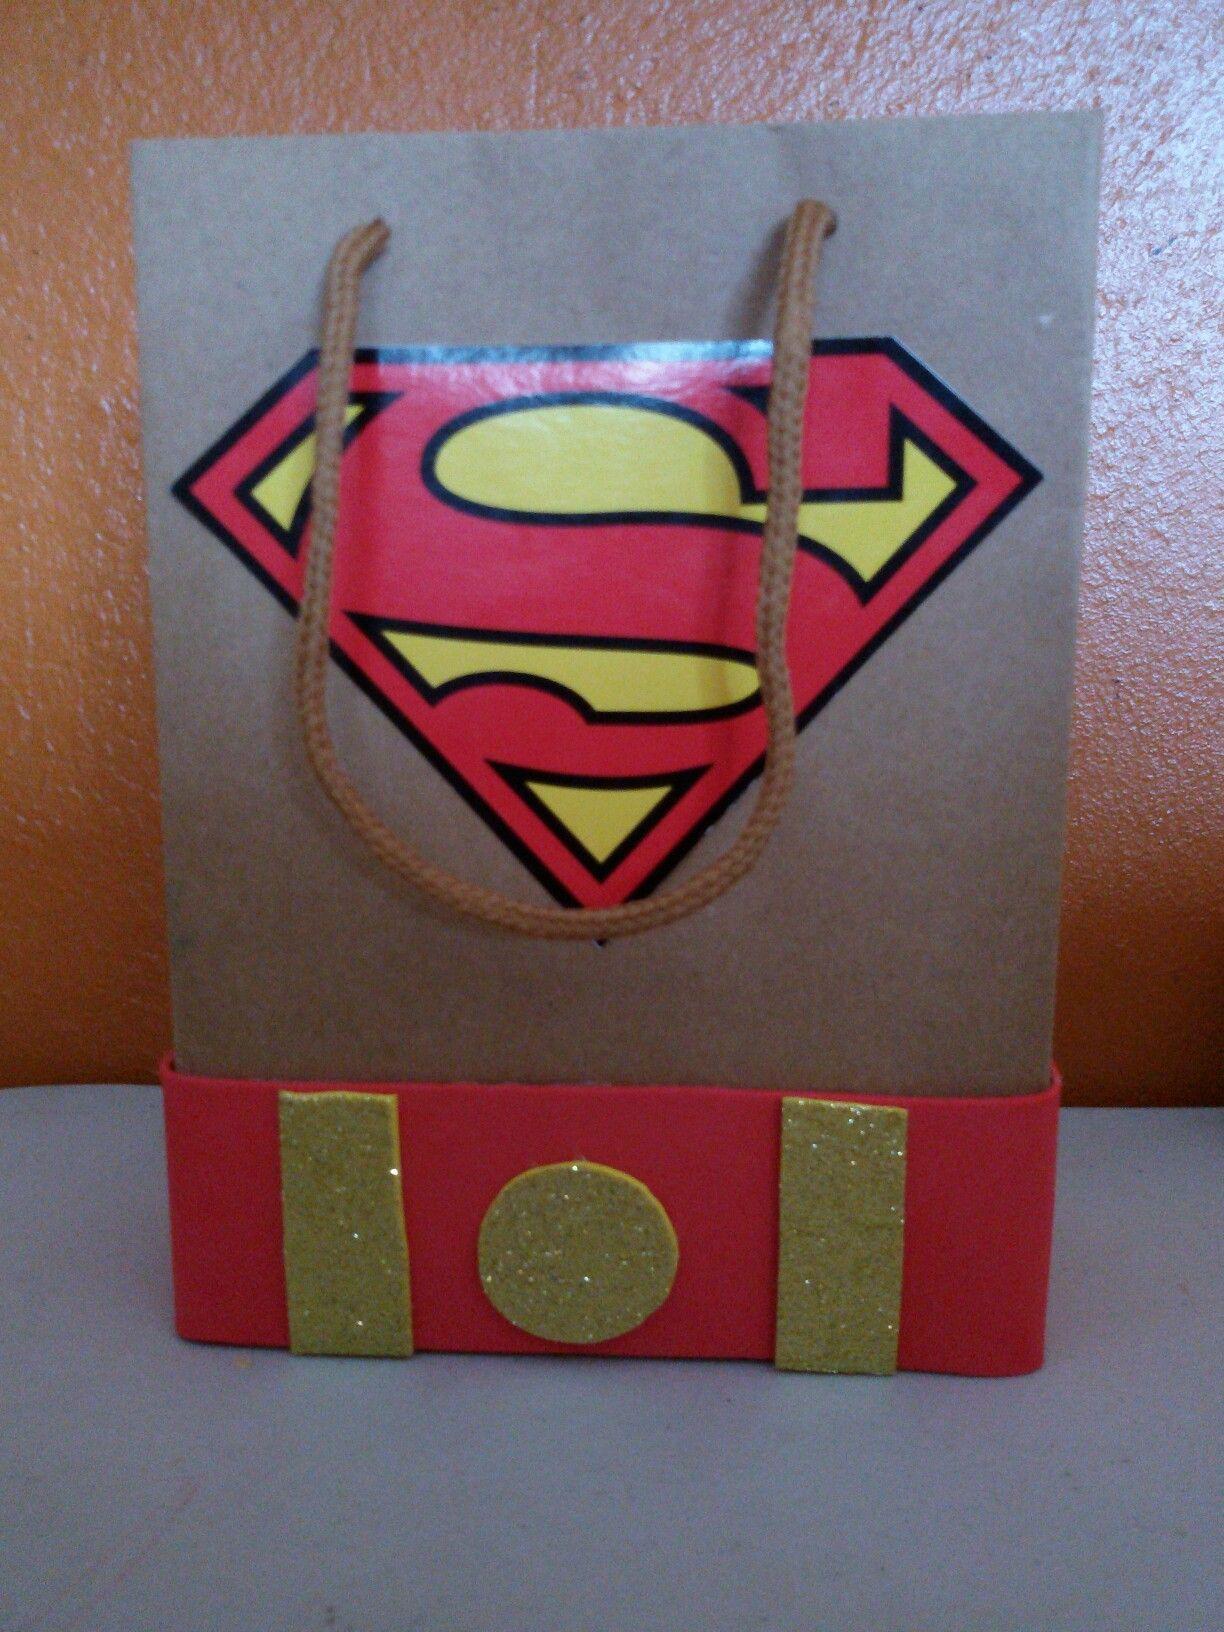 bolsita de Superman para fiestas infantiles.  lleva una caja de carton diceños hechos en fon con colores alegres y estiquer de superman o ha gusto de la persona.. espero les guste..